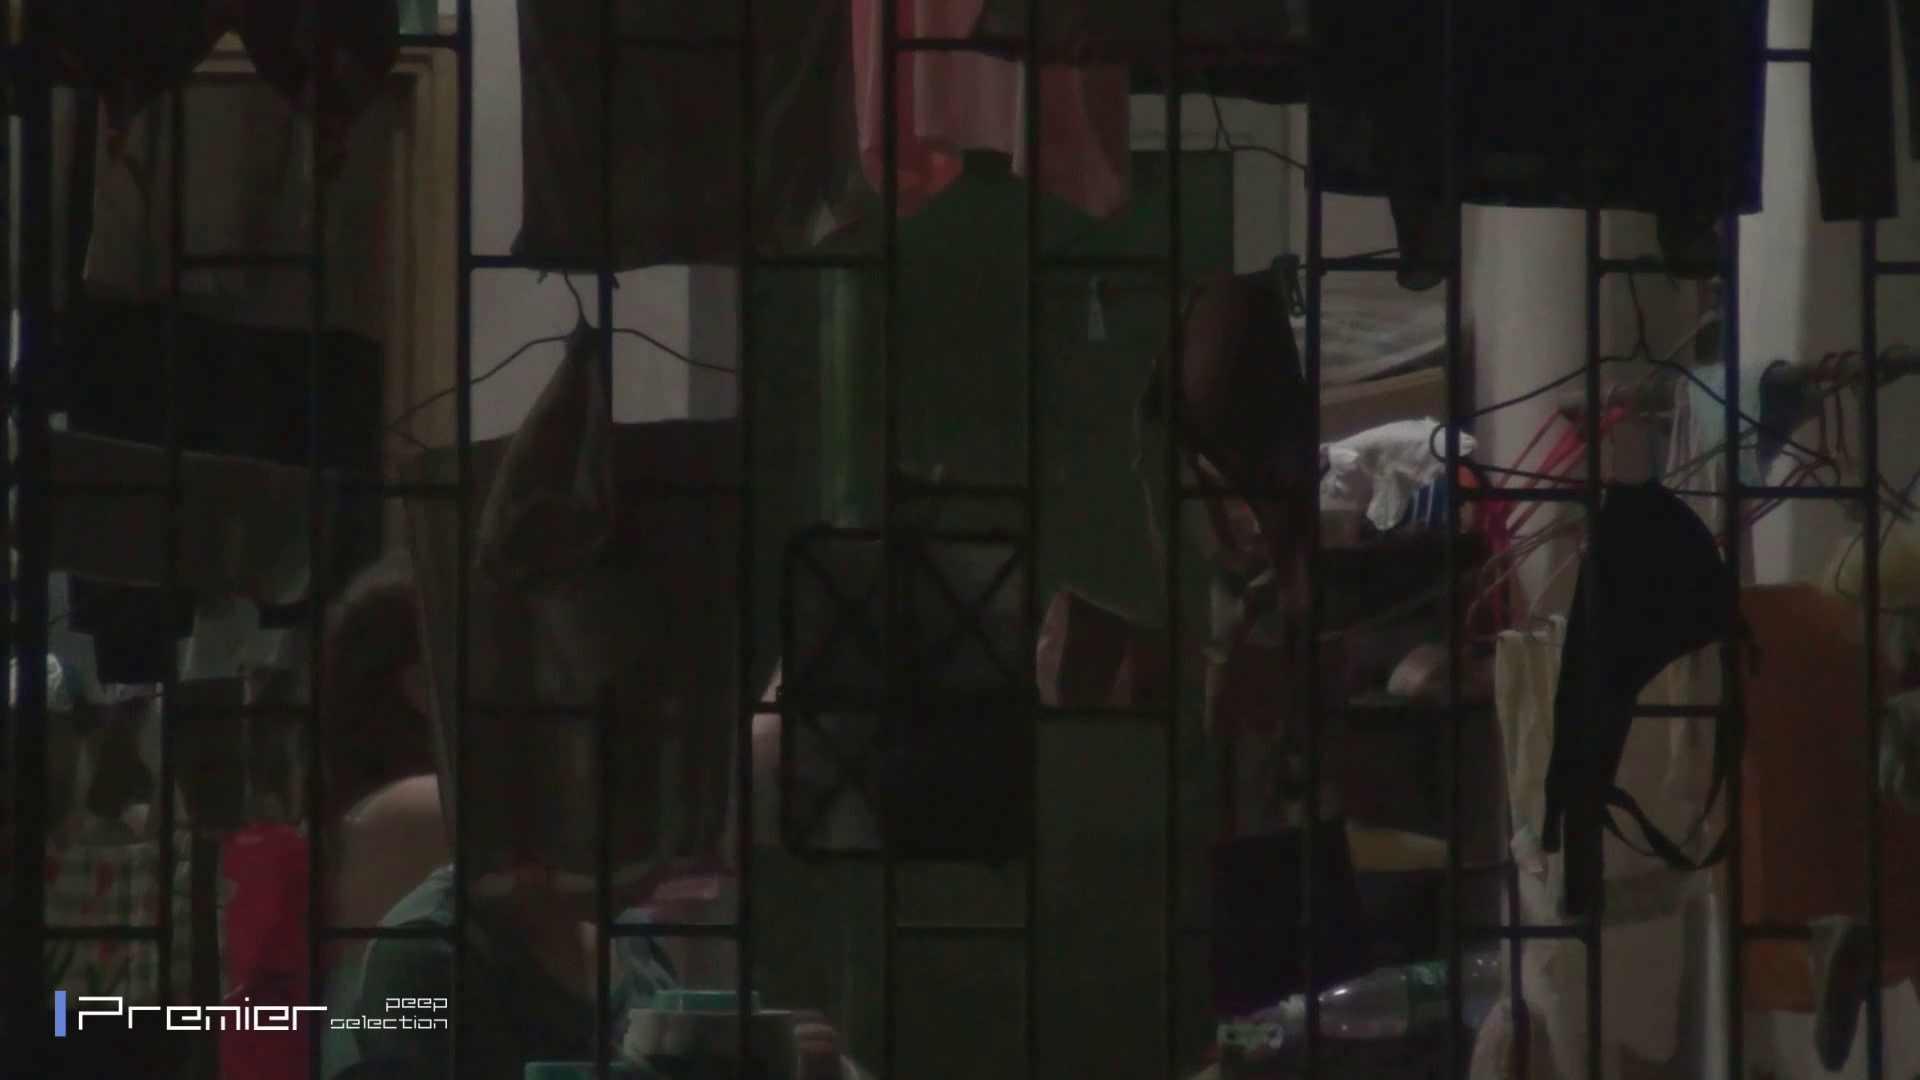 美女の痴態に密着!洗濯物を干す女 Vol.07 細身女性 オマンコ無修正動画無料 98画像 46